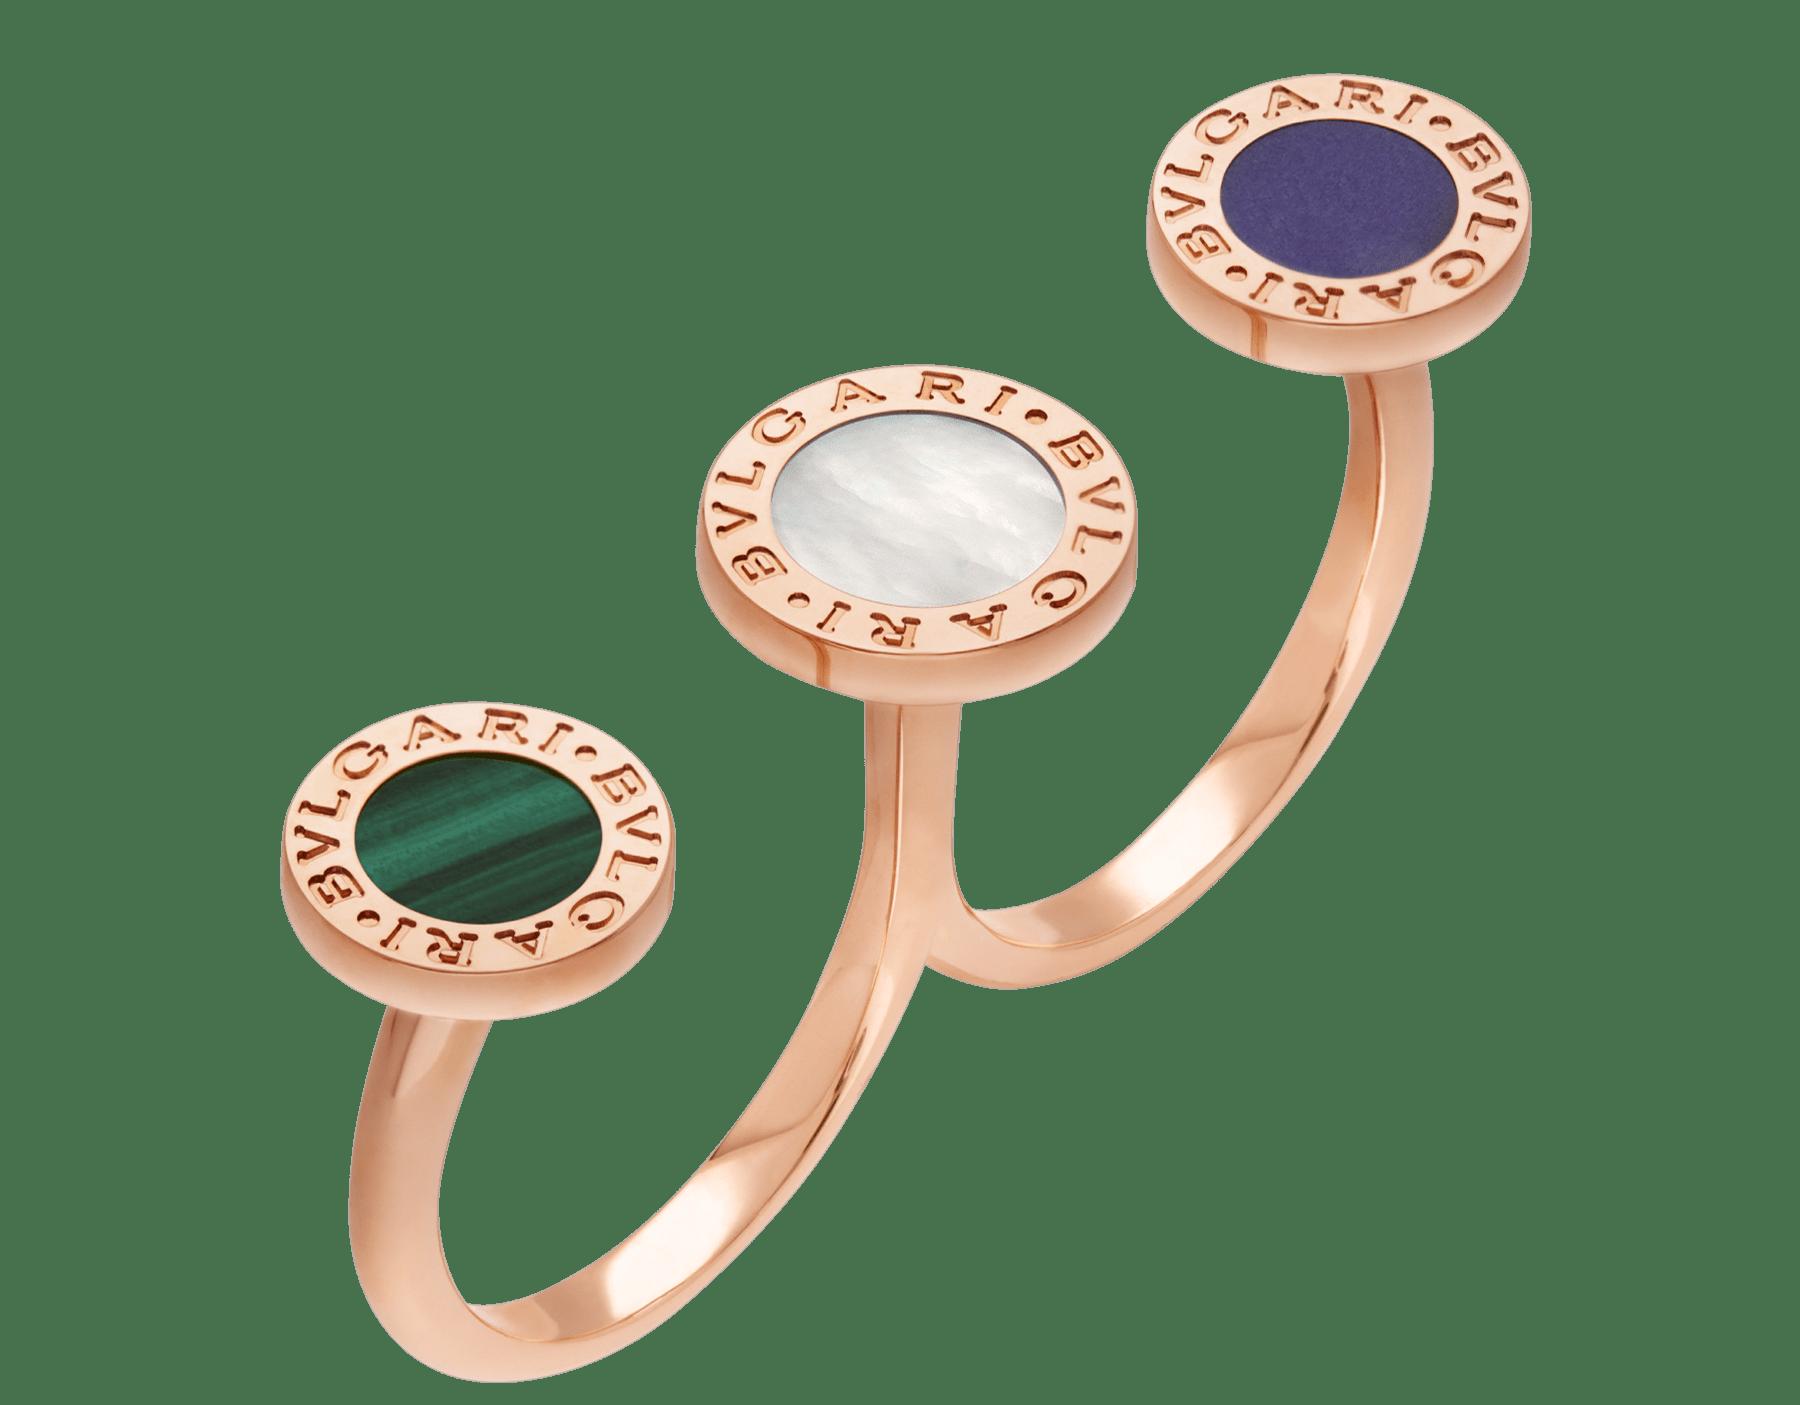 Anillo entre dedos BVLGARI BVLGARI en oro rosa de 18qt con elementos de madreperla, malaquita y sugilita engastados AN858545 image 1